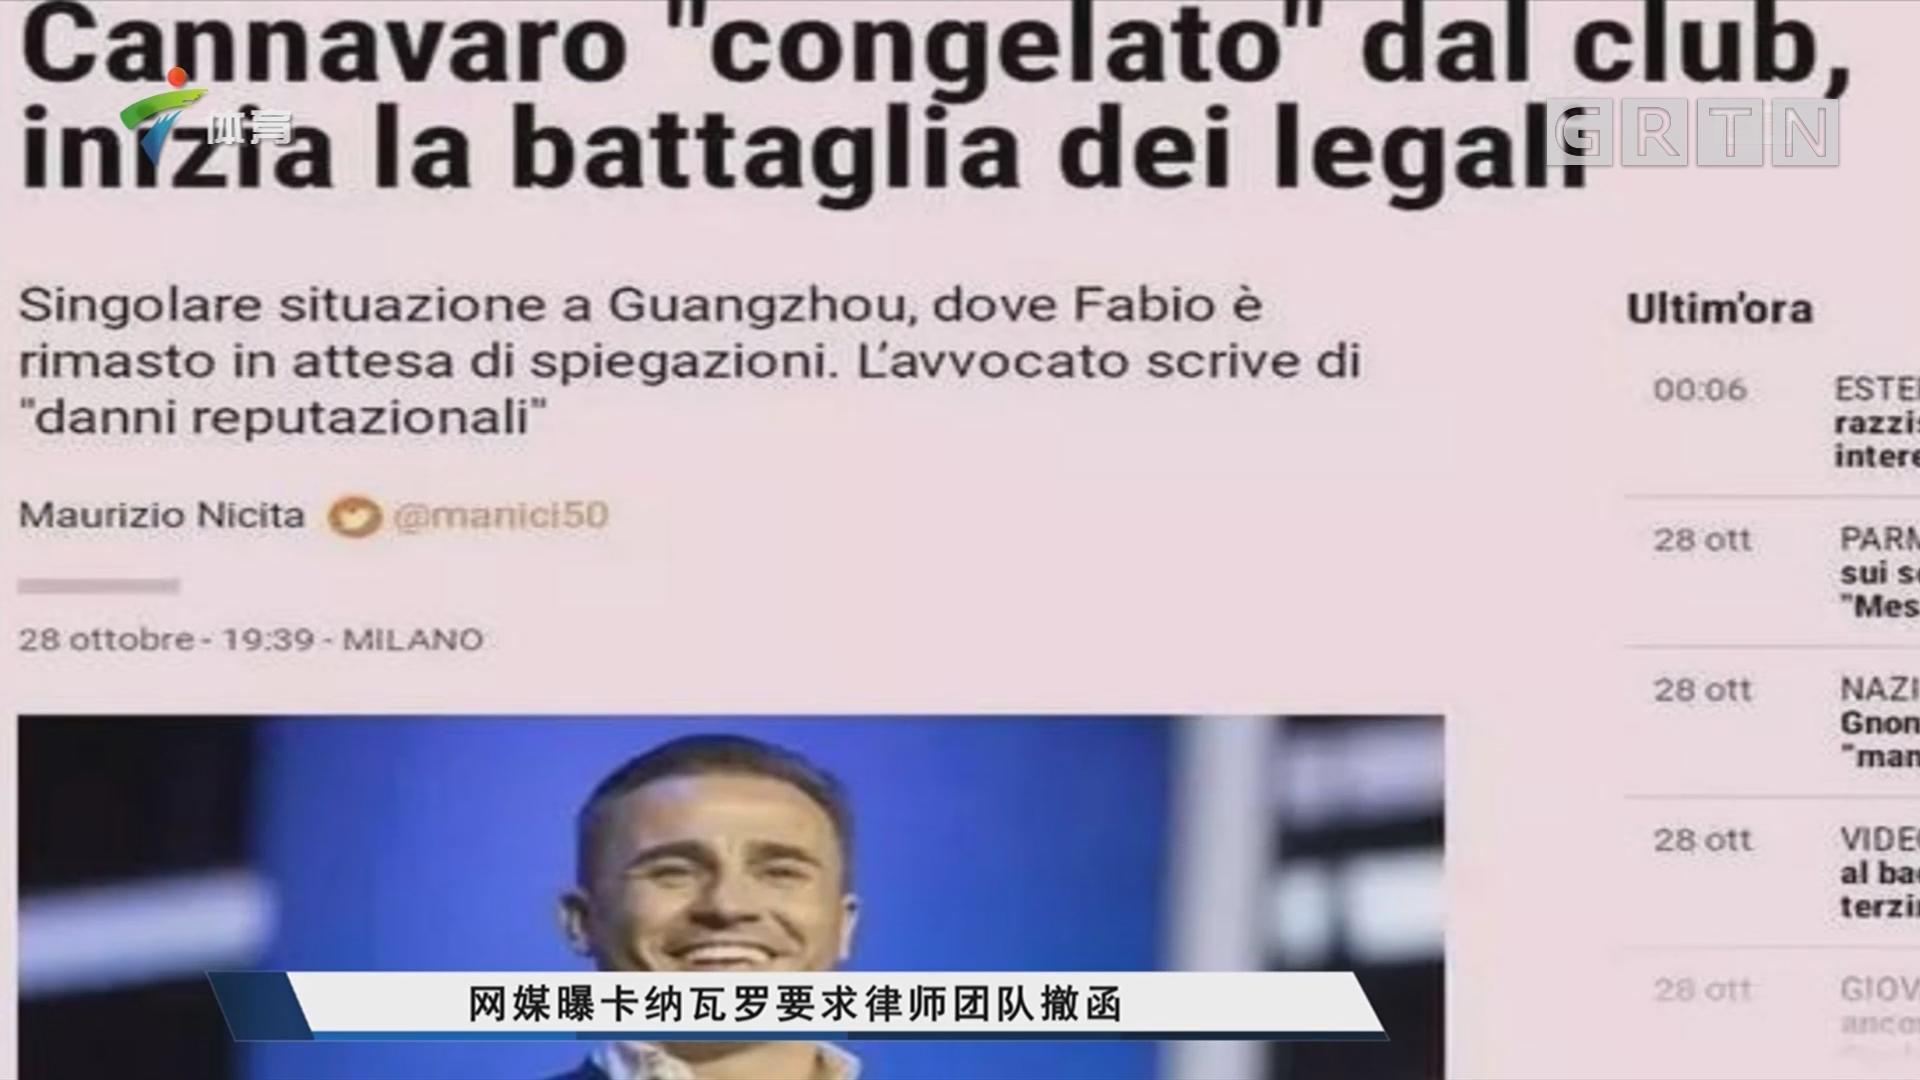 网媒曝卡纳瓦罗要求律师团队撤函